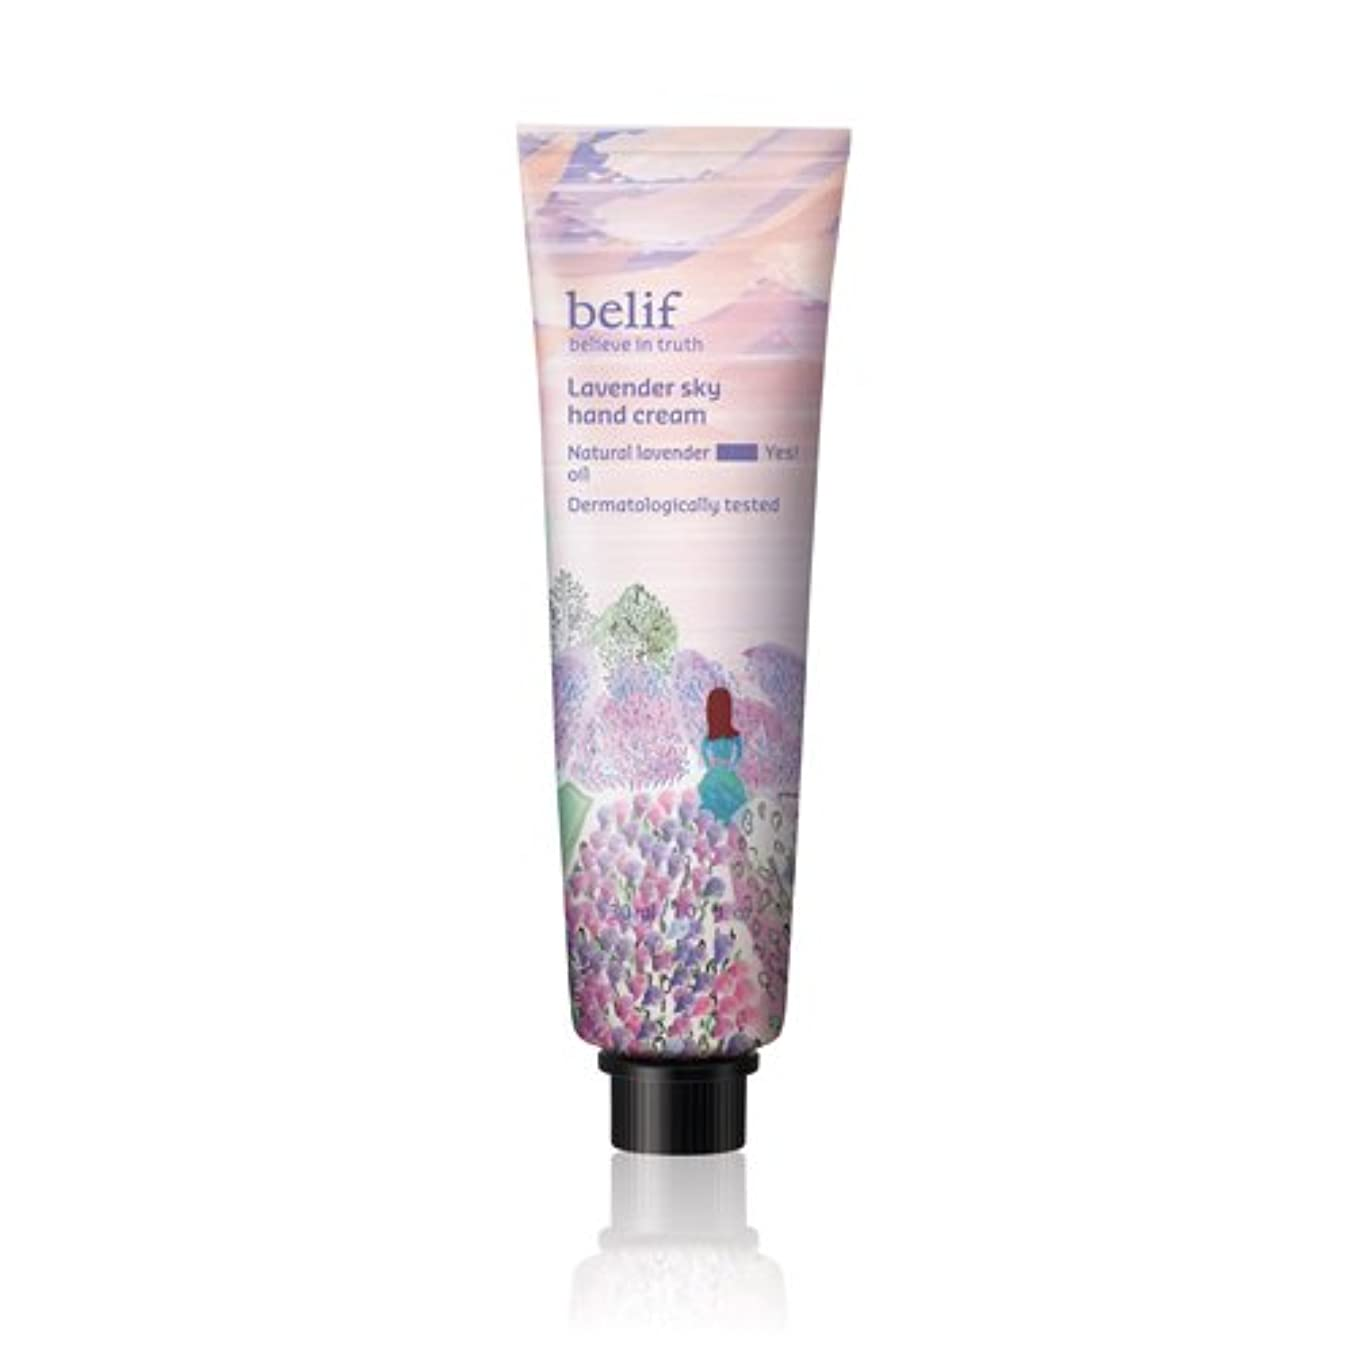 観察するリテラシーバンドBelif(ビリーフ)Lavender sky hand cream 30ml/ラベンダースカイハンドクリーム